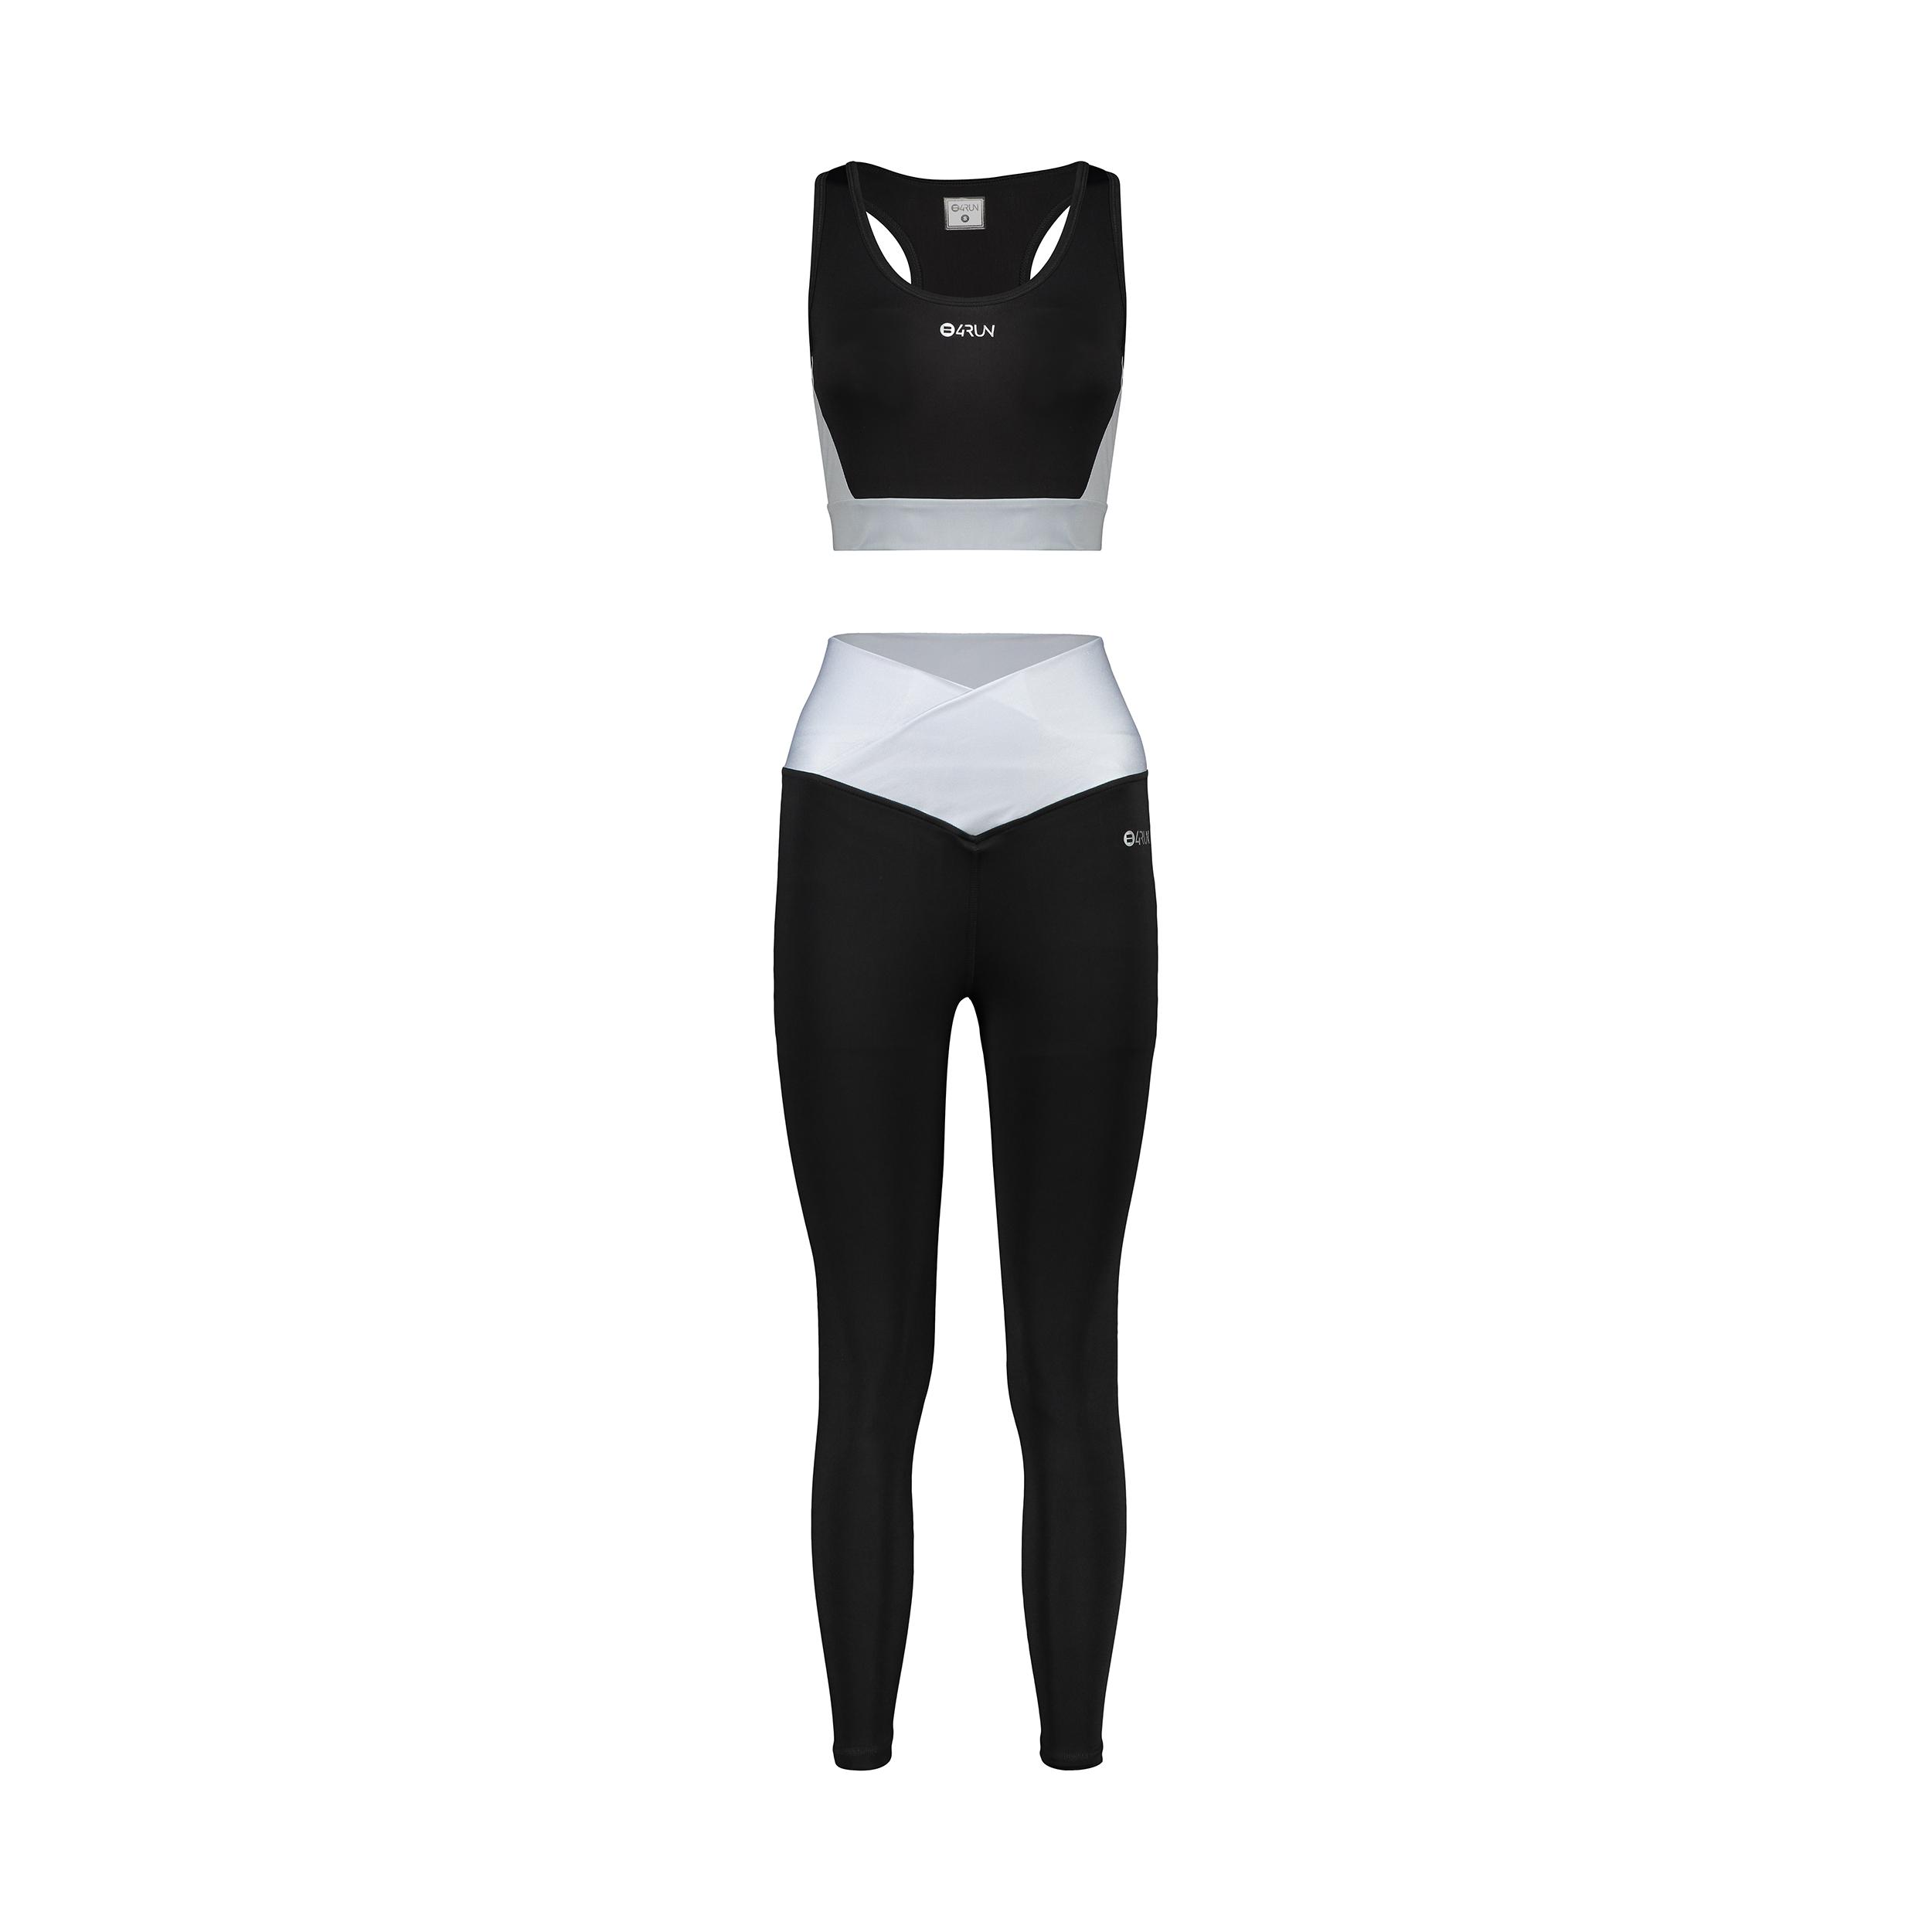 ست نیم تنه و لگینگ ورزشی زنانه بی فور ران مدل 2109210-99